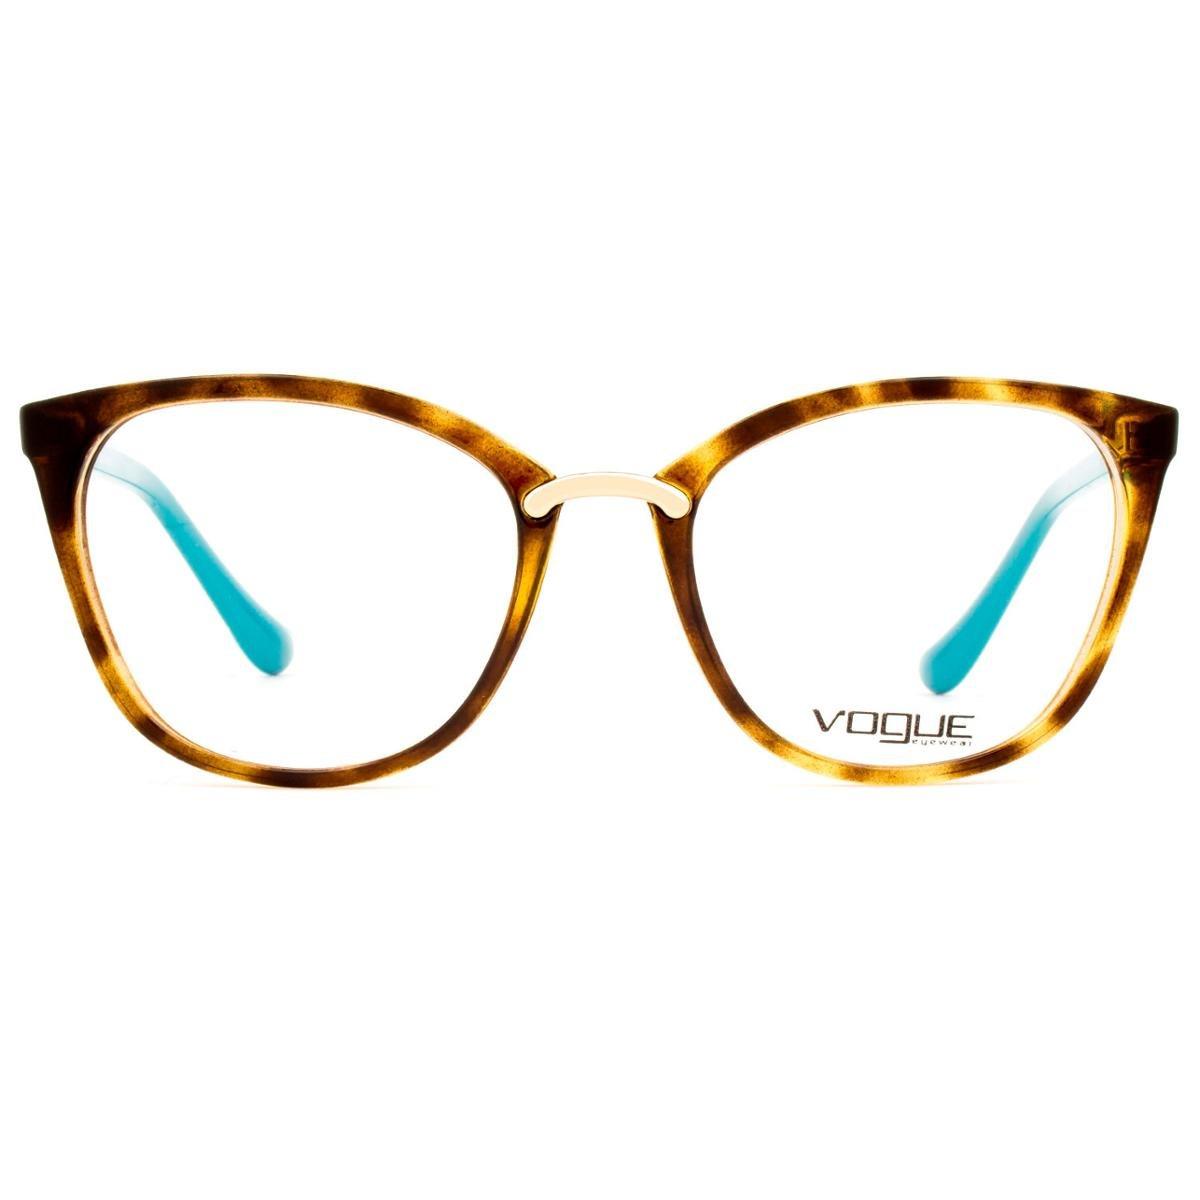 6ce7ef0477c78 Armação Óculos de Grau Vogue Braid VO5121L 2393-51 - Compre Agora ...